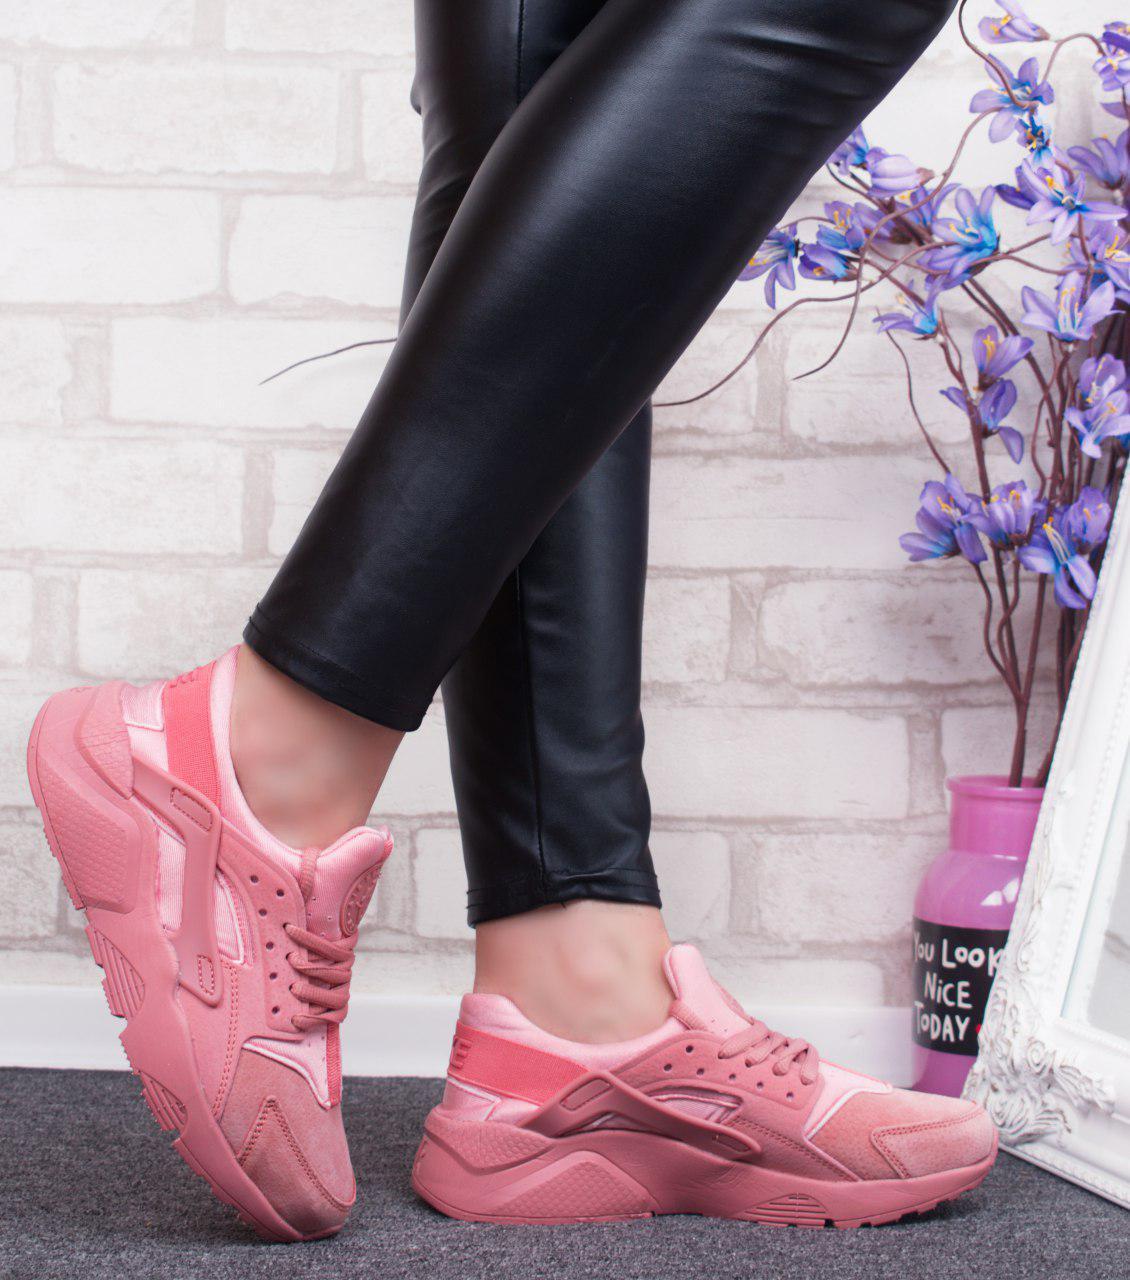 """Кроссовки, кеды, мокасины женские реплика  """"Huarache"""" эко кожа, спортивная, летняя, повседневная обувь"""